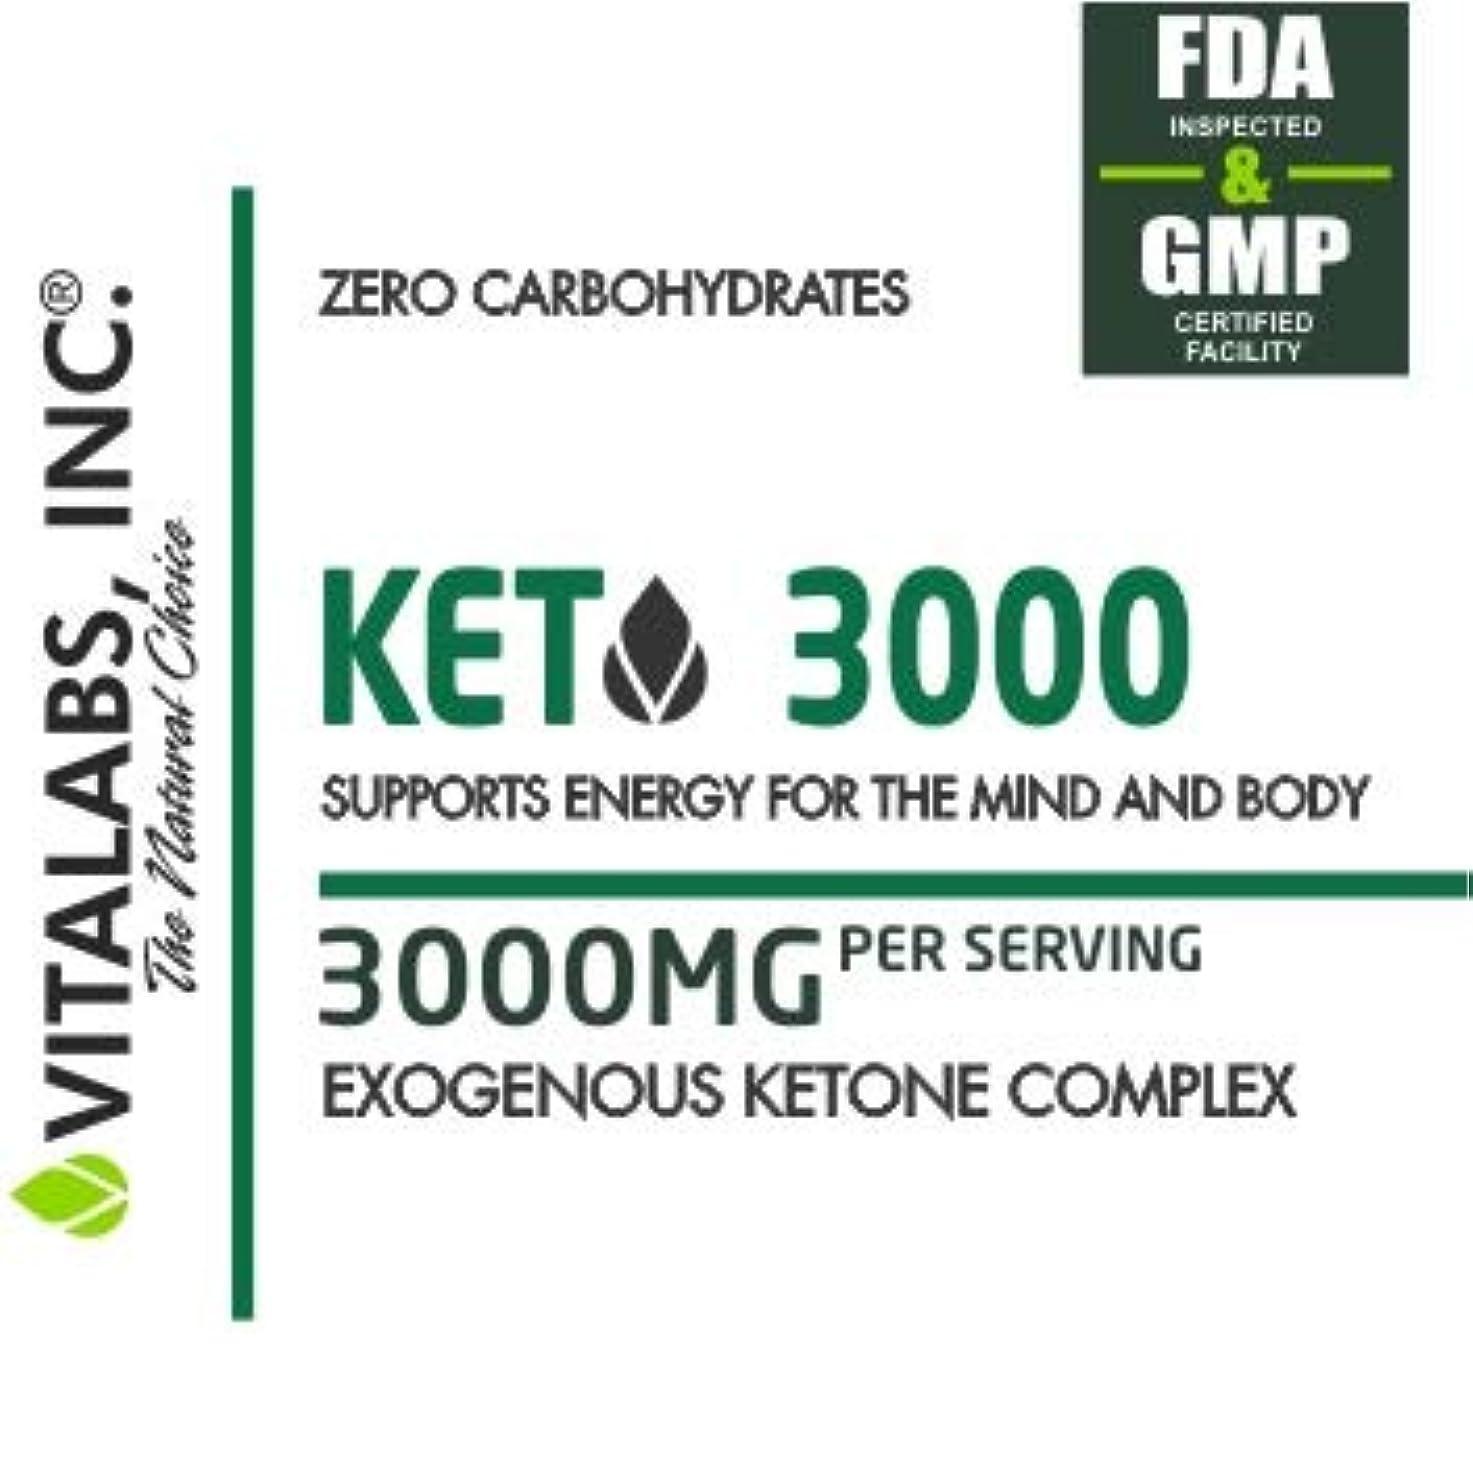 低炭水化物状態を作る/ケトジェニックダイエットサポートサプリメント KETO 3000/ Vitalabs 【アメリカより直送】】 (240カプセル(60回分))